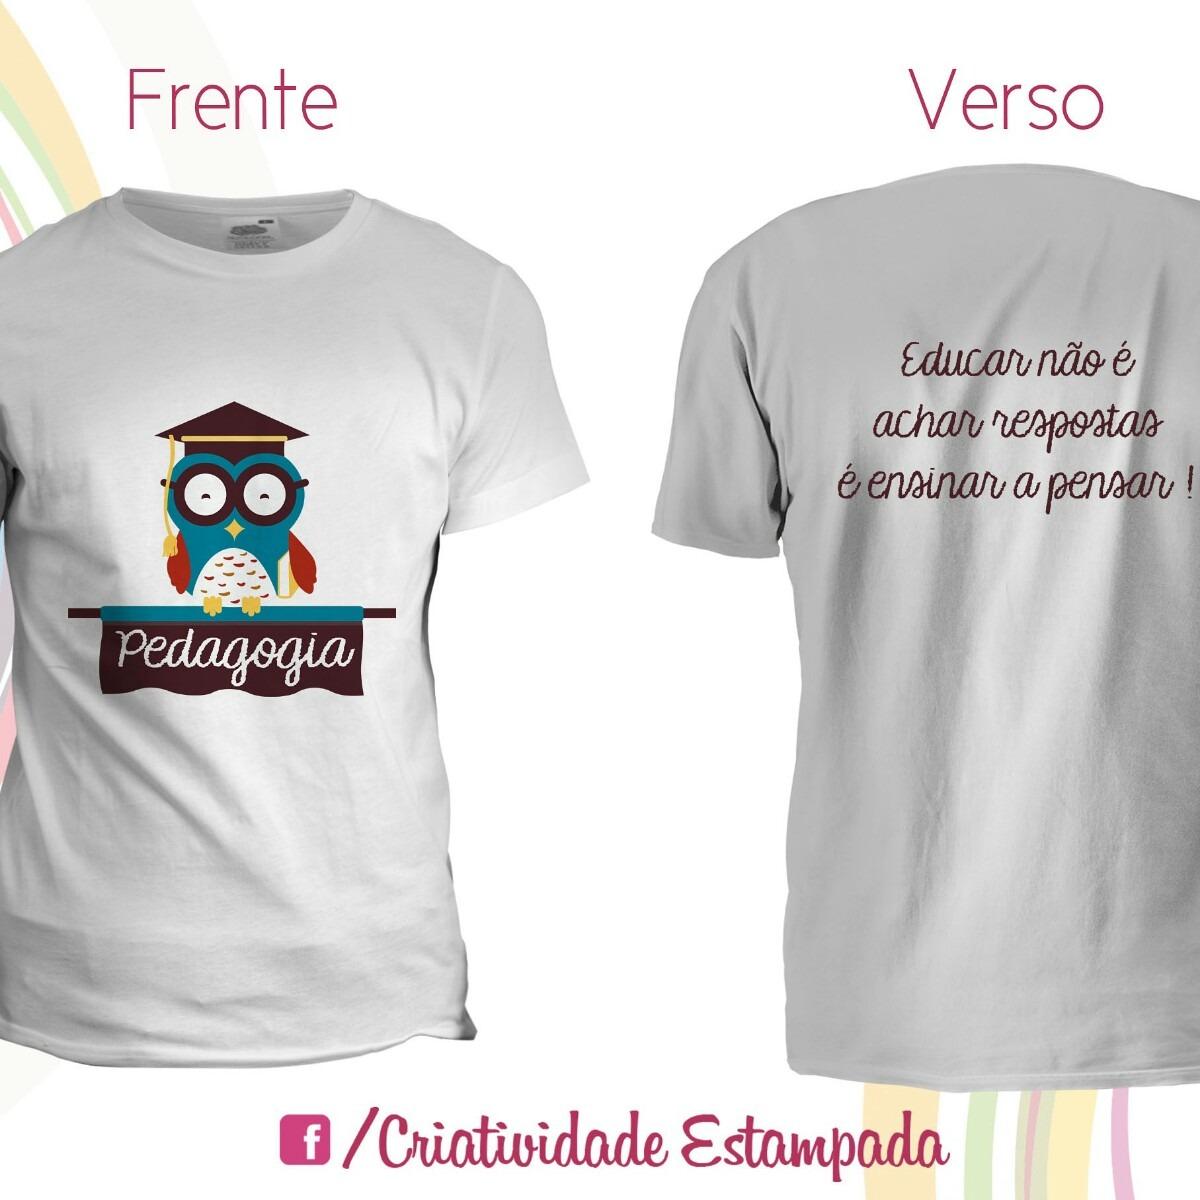 5e4fe16660895 camisetas universitárias pedagogia. Carregando zoom.